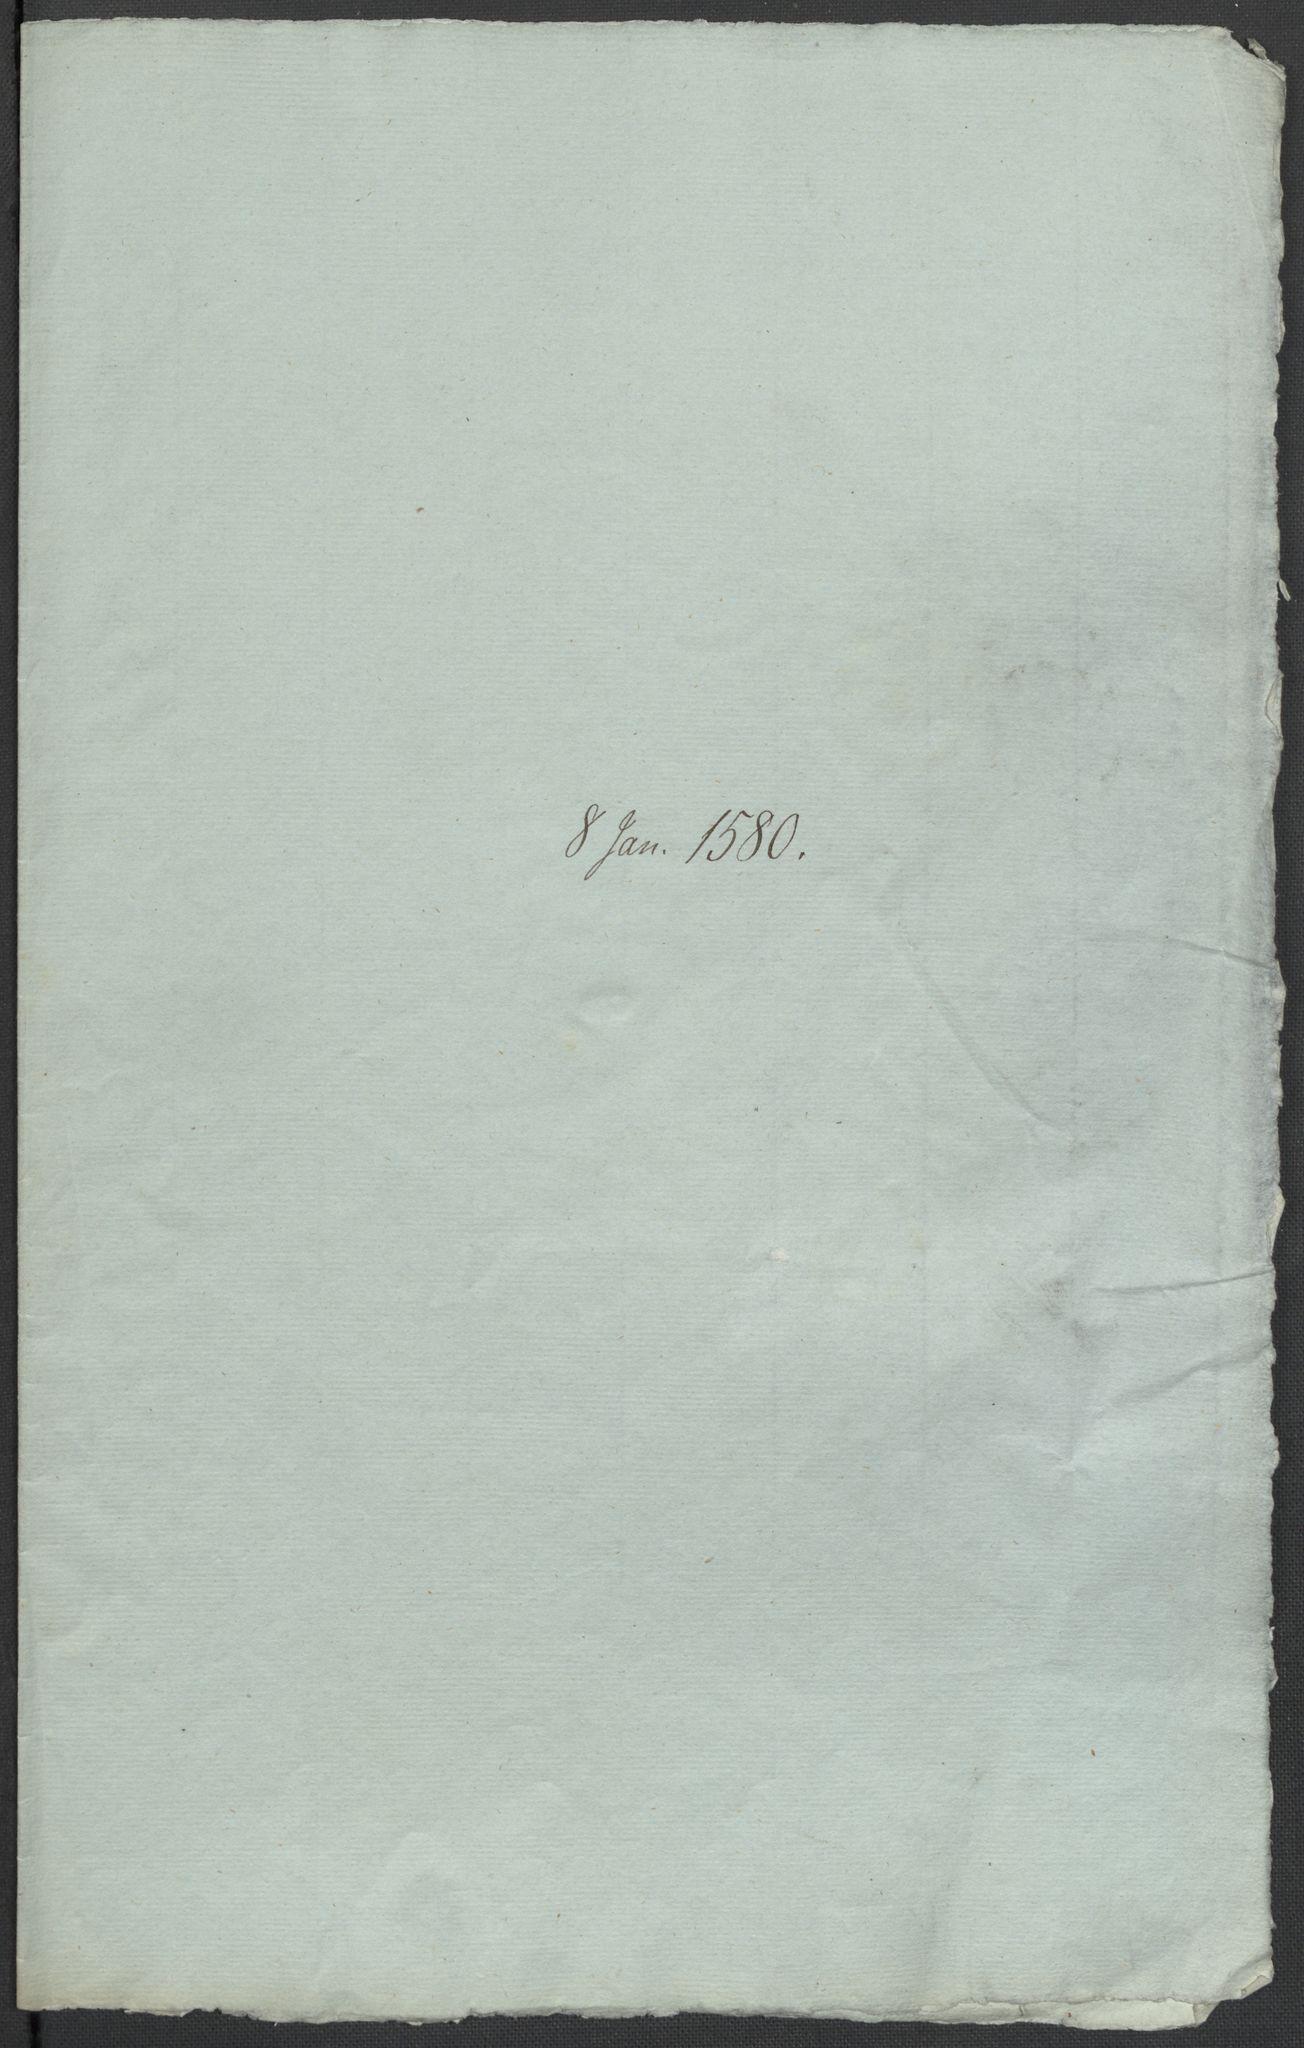 RA, Riksarkivets diplomsamling, F02/L0082: Dokumenter, 1580, s. 6